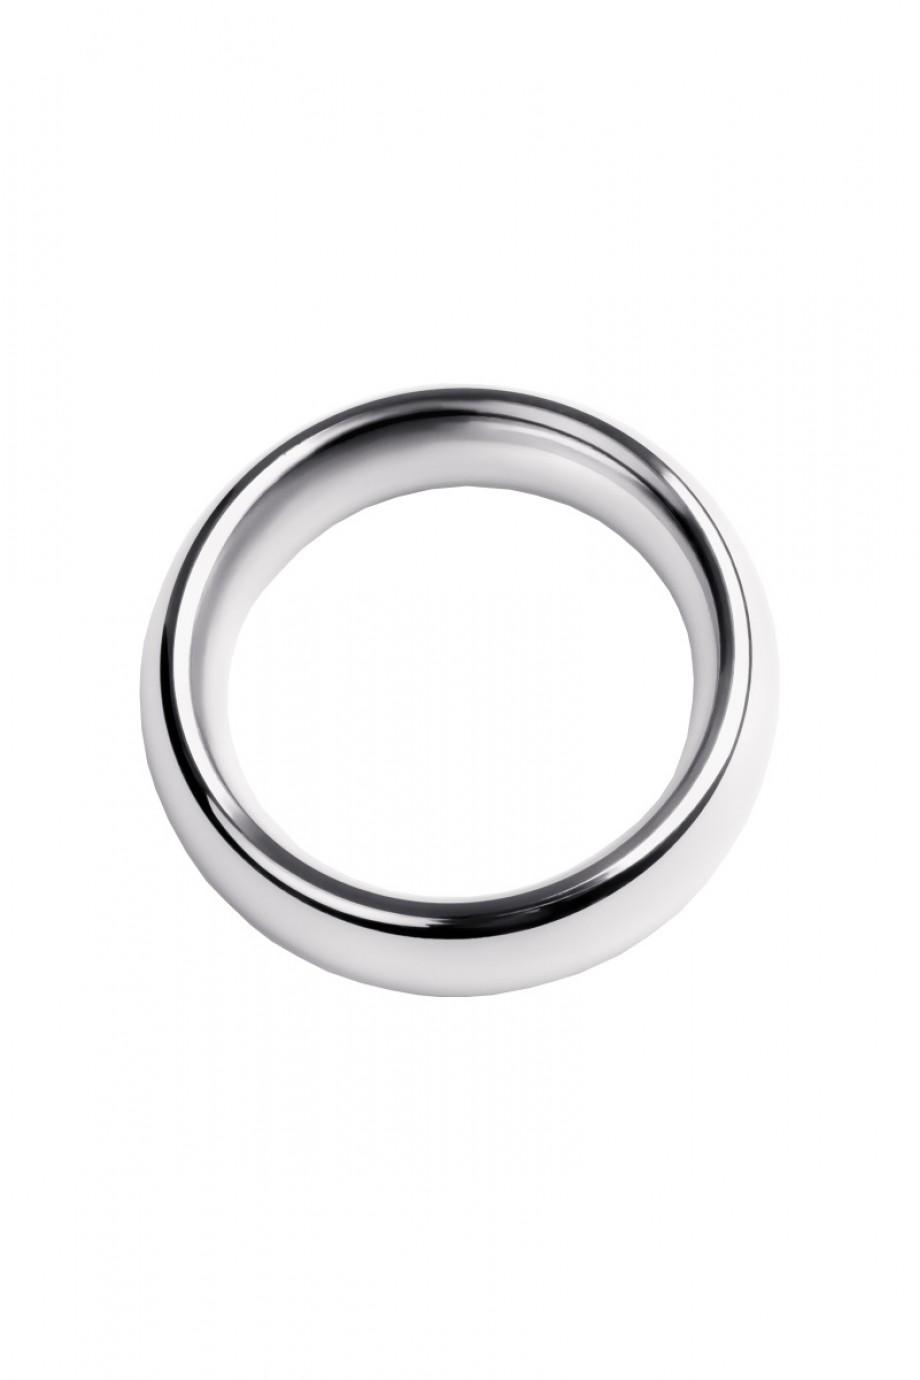 Эрекционное кольцо Metal by TOYFA, Ø4,5 см